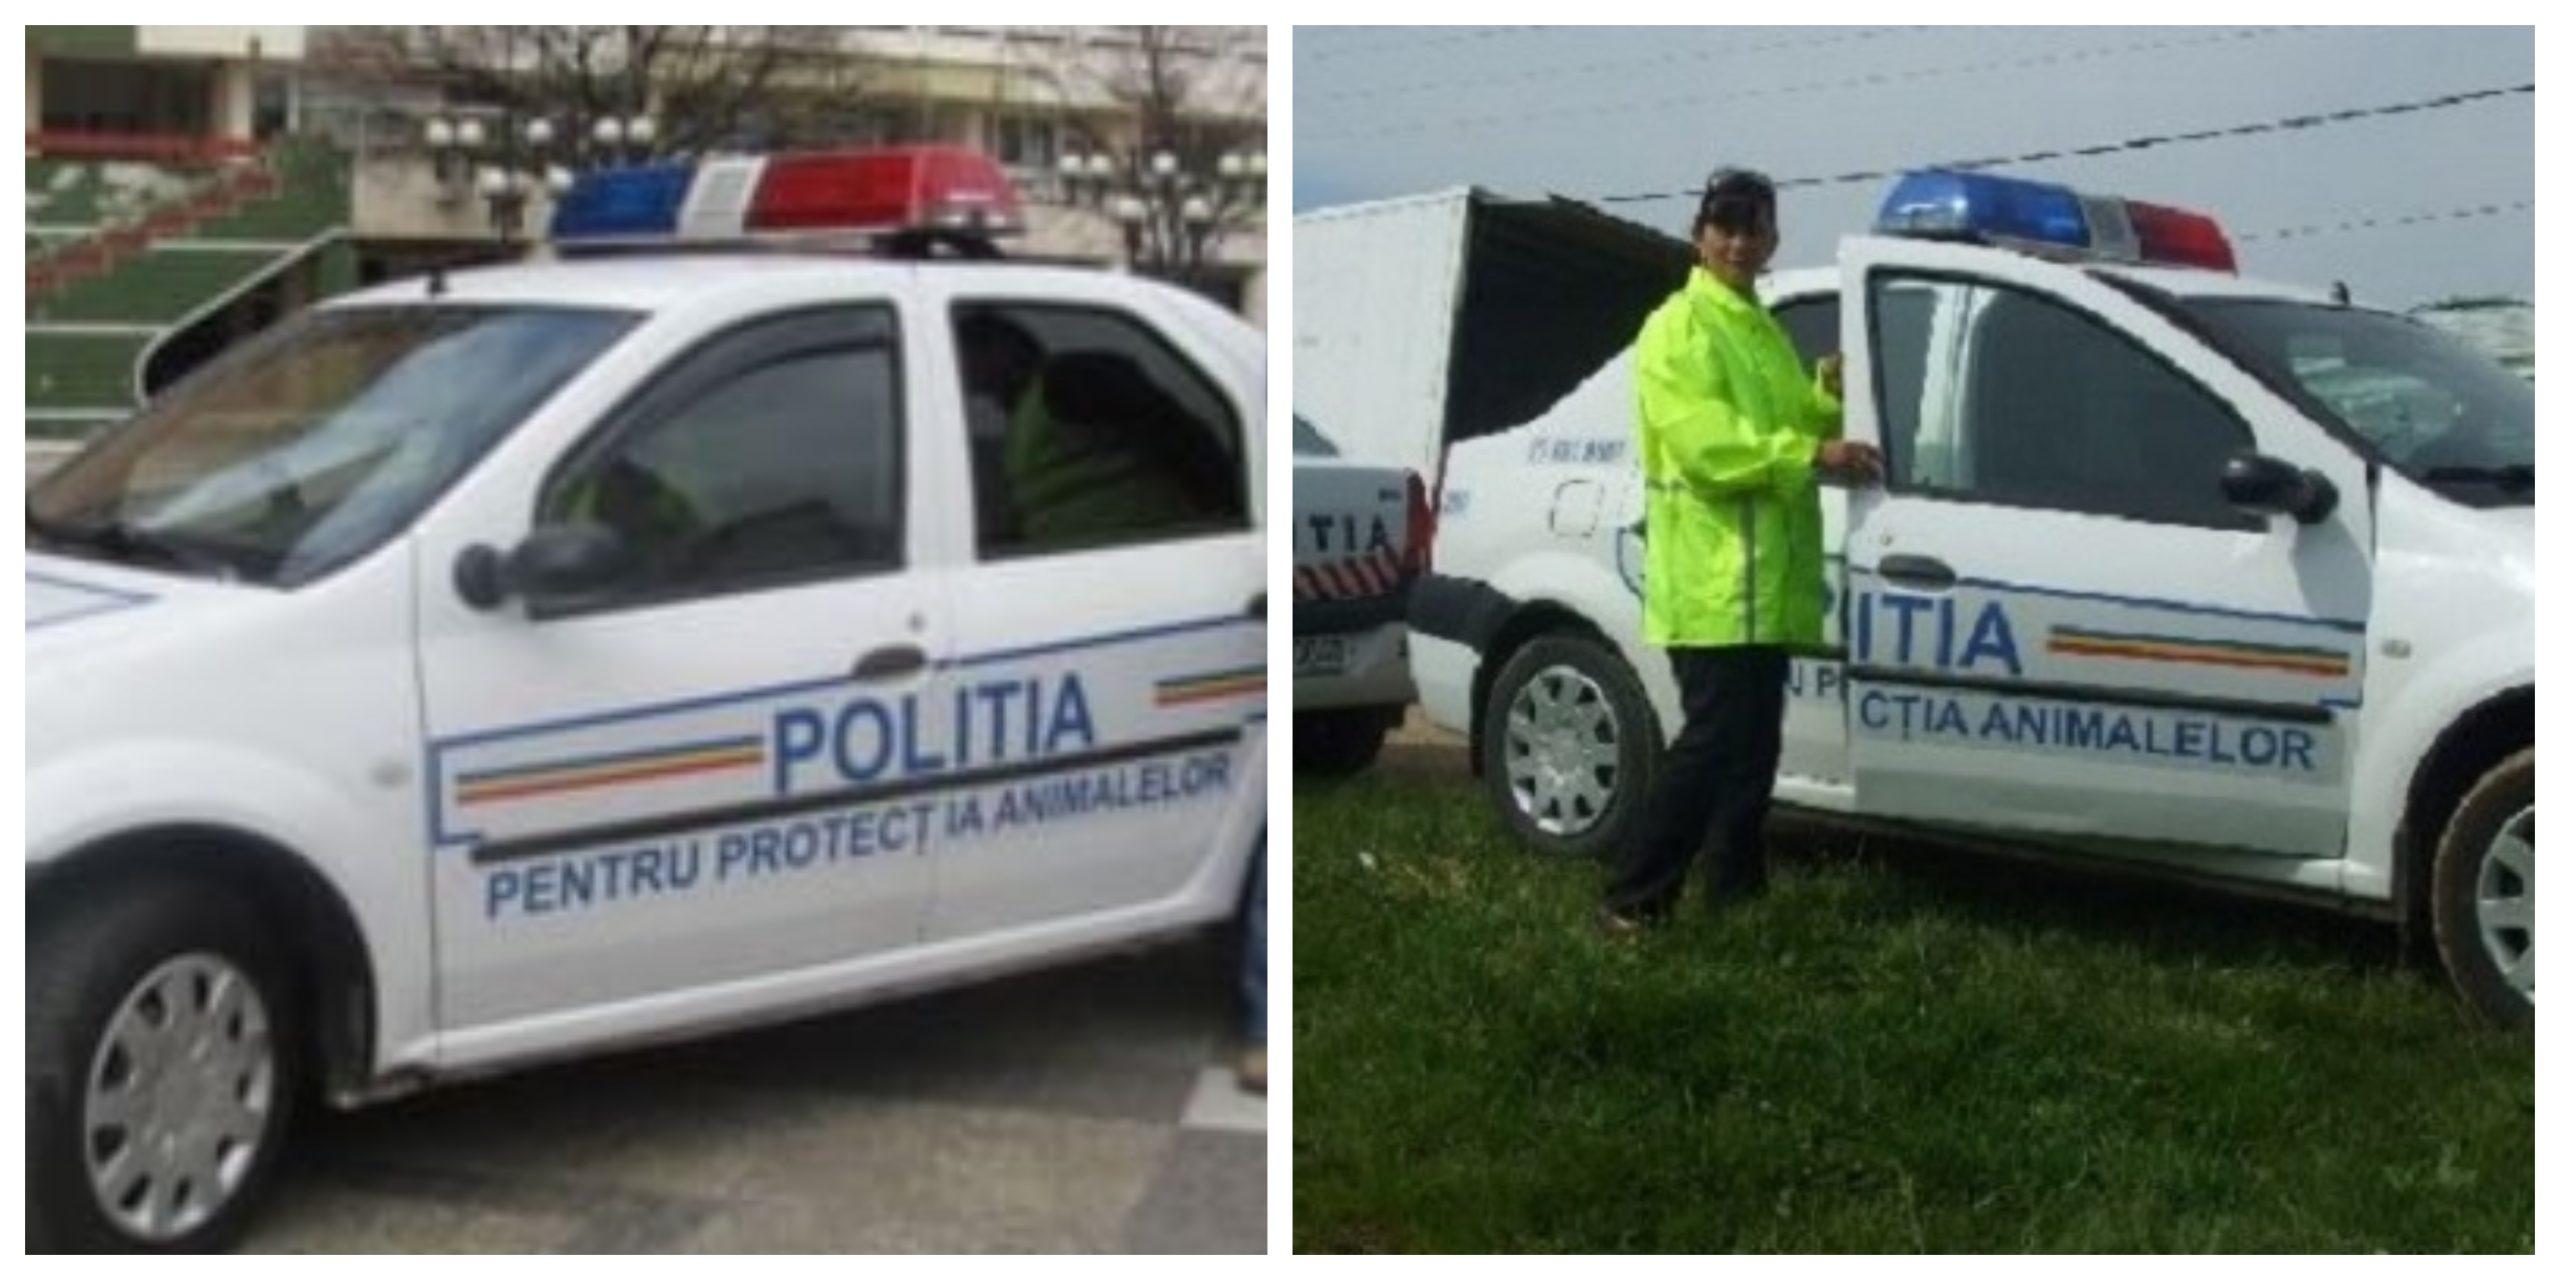 A apărut o nouă poliție în România. Află despre ce este vorba